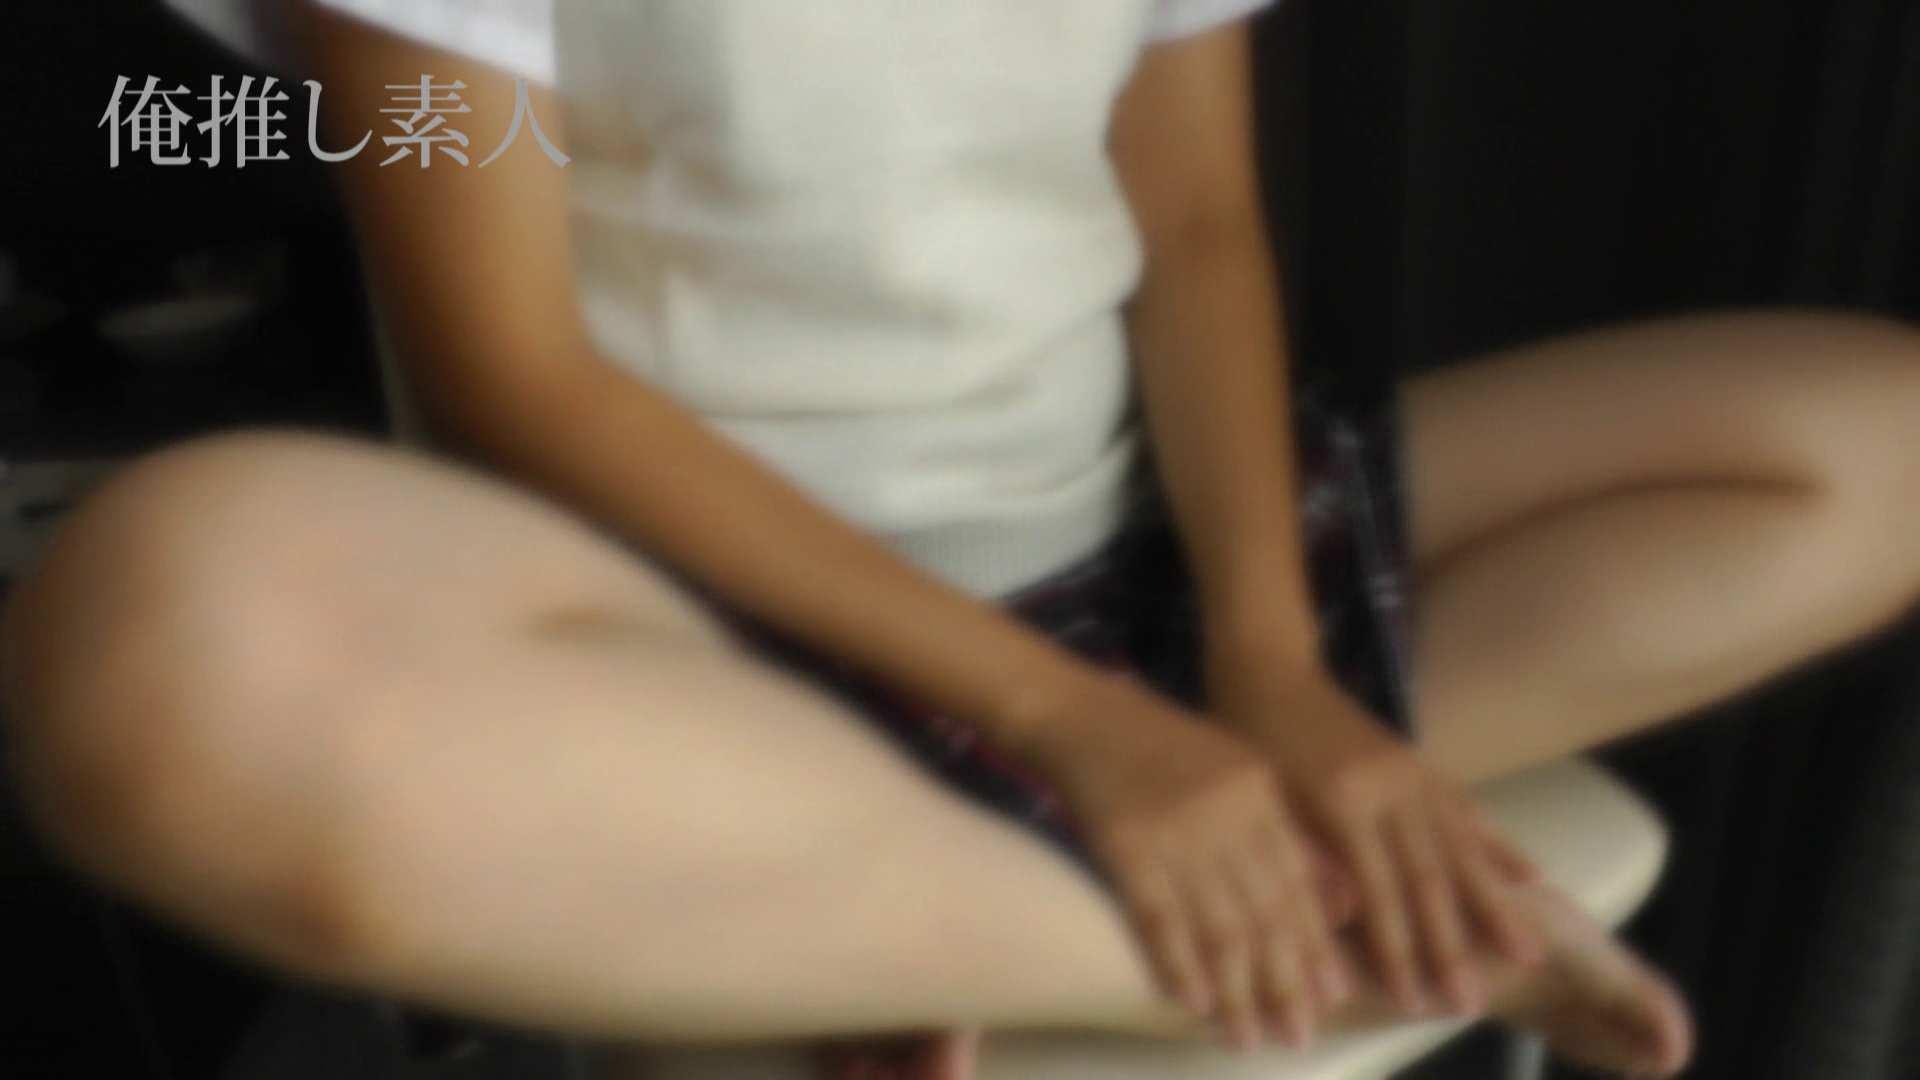 俺推し素人 キャバクラ嬢26歳久美vol6 投稿 性交動画流出 100pic 18